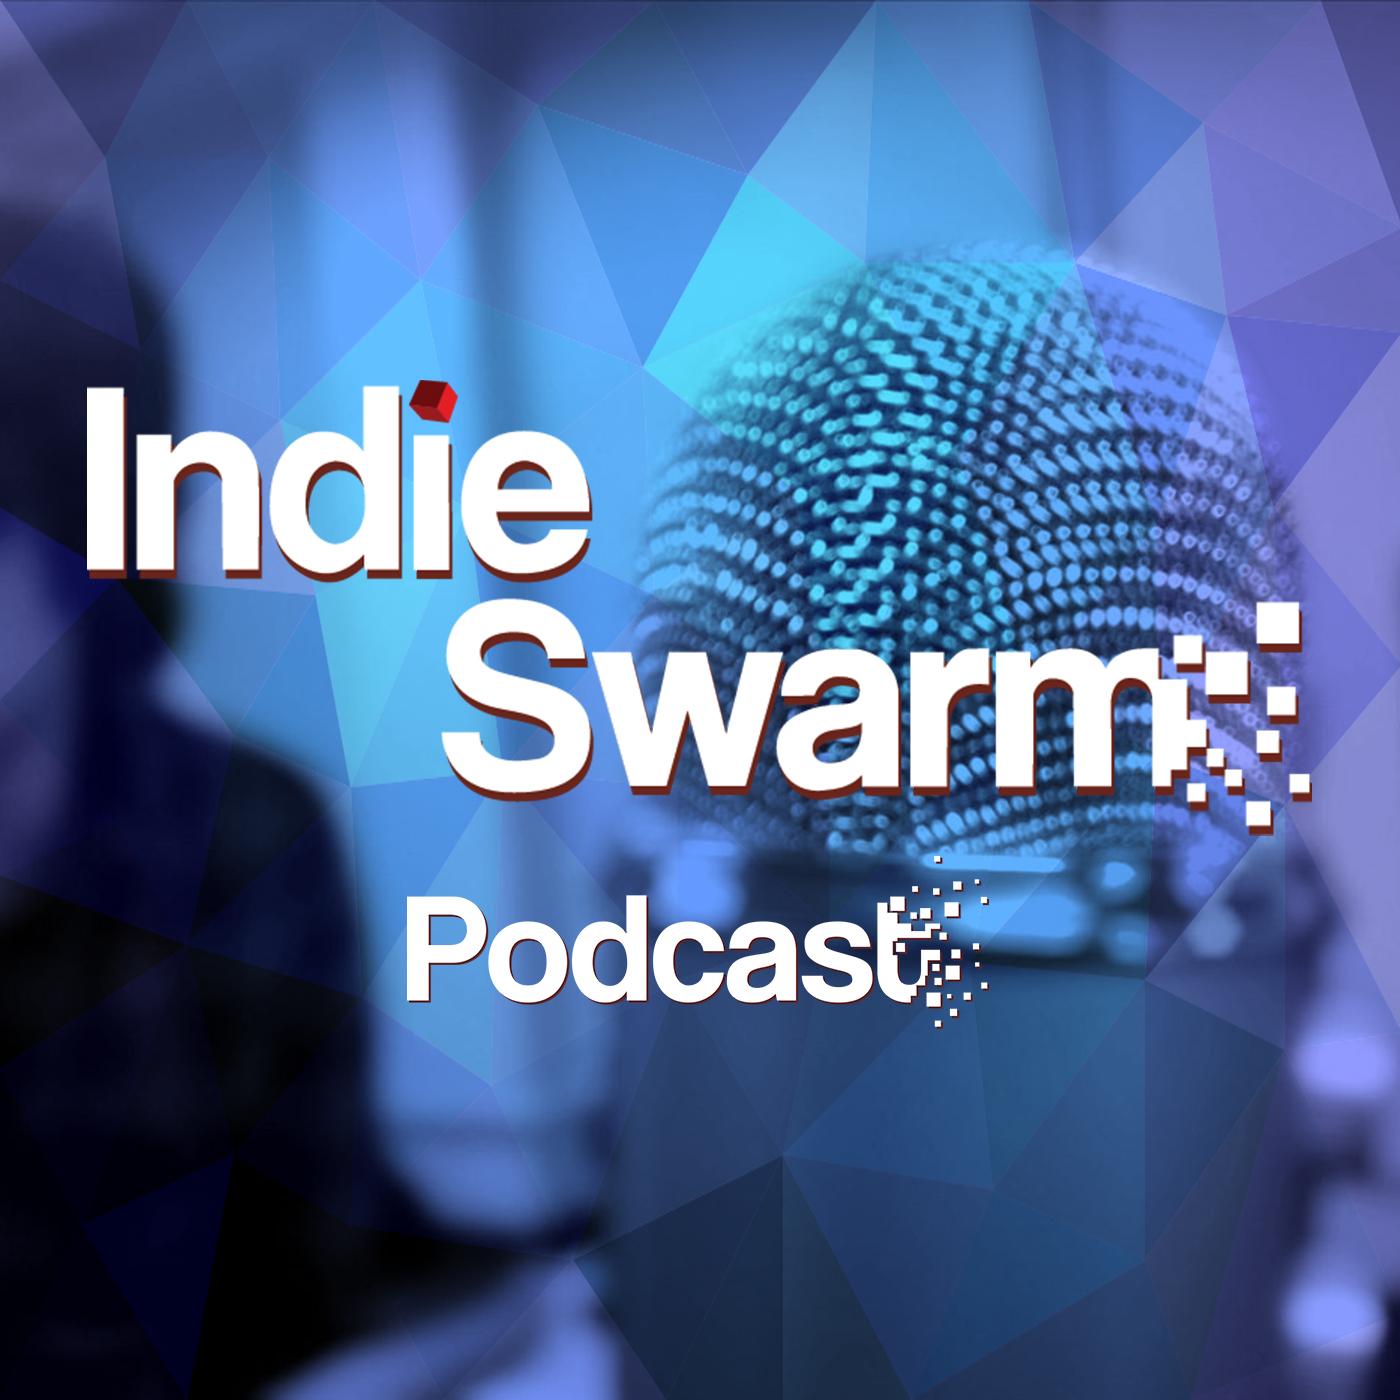 Indie Swarm